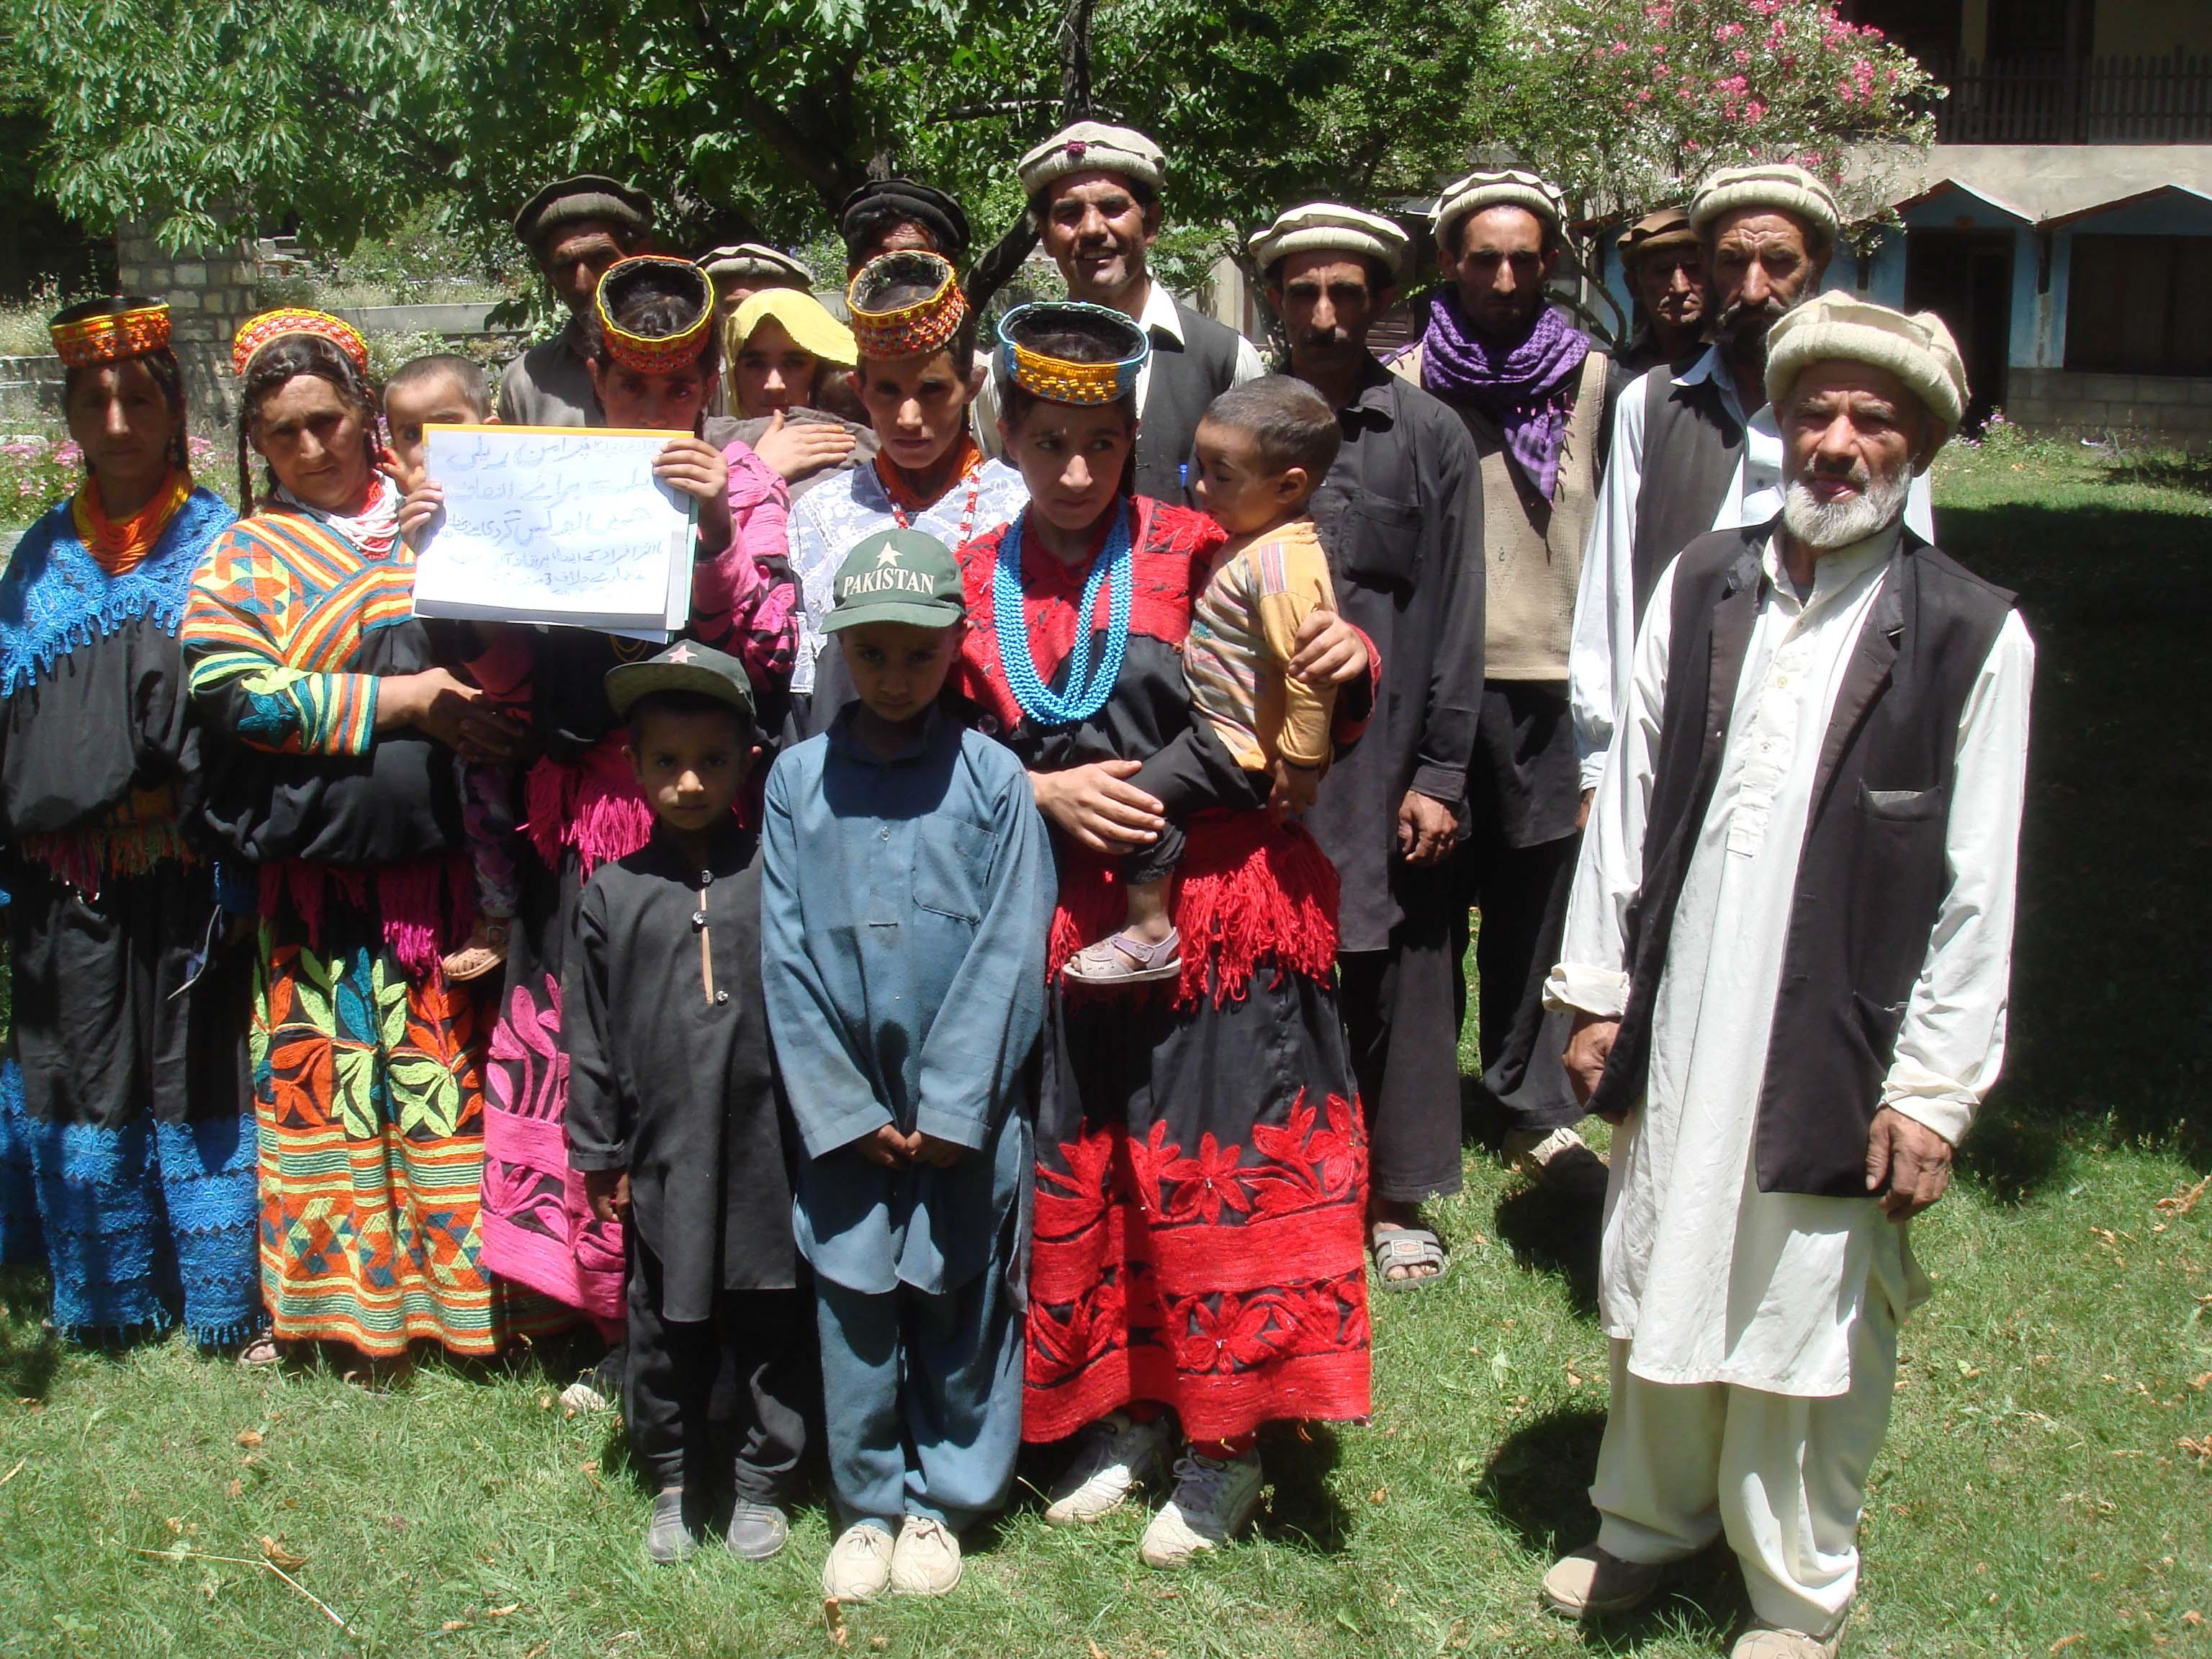 مخالف گروپ پولیس کی مدد سے زمین پر قبضہ جمانا چاہتی ہے، بریر نامی گاؤں میں کالاش خاندان کا انصاف کے لئے اپیل